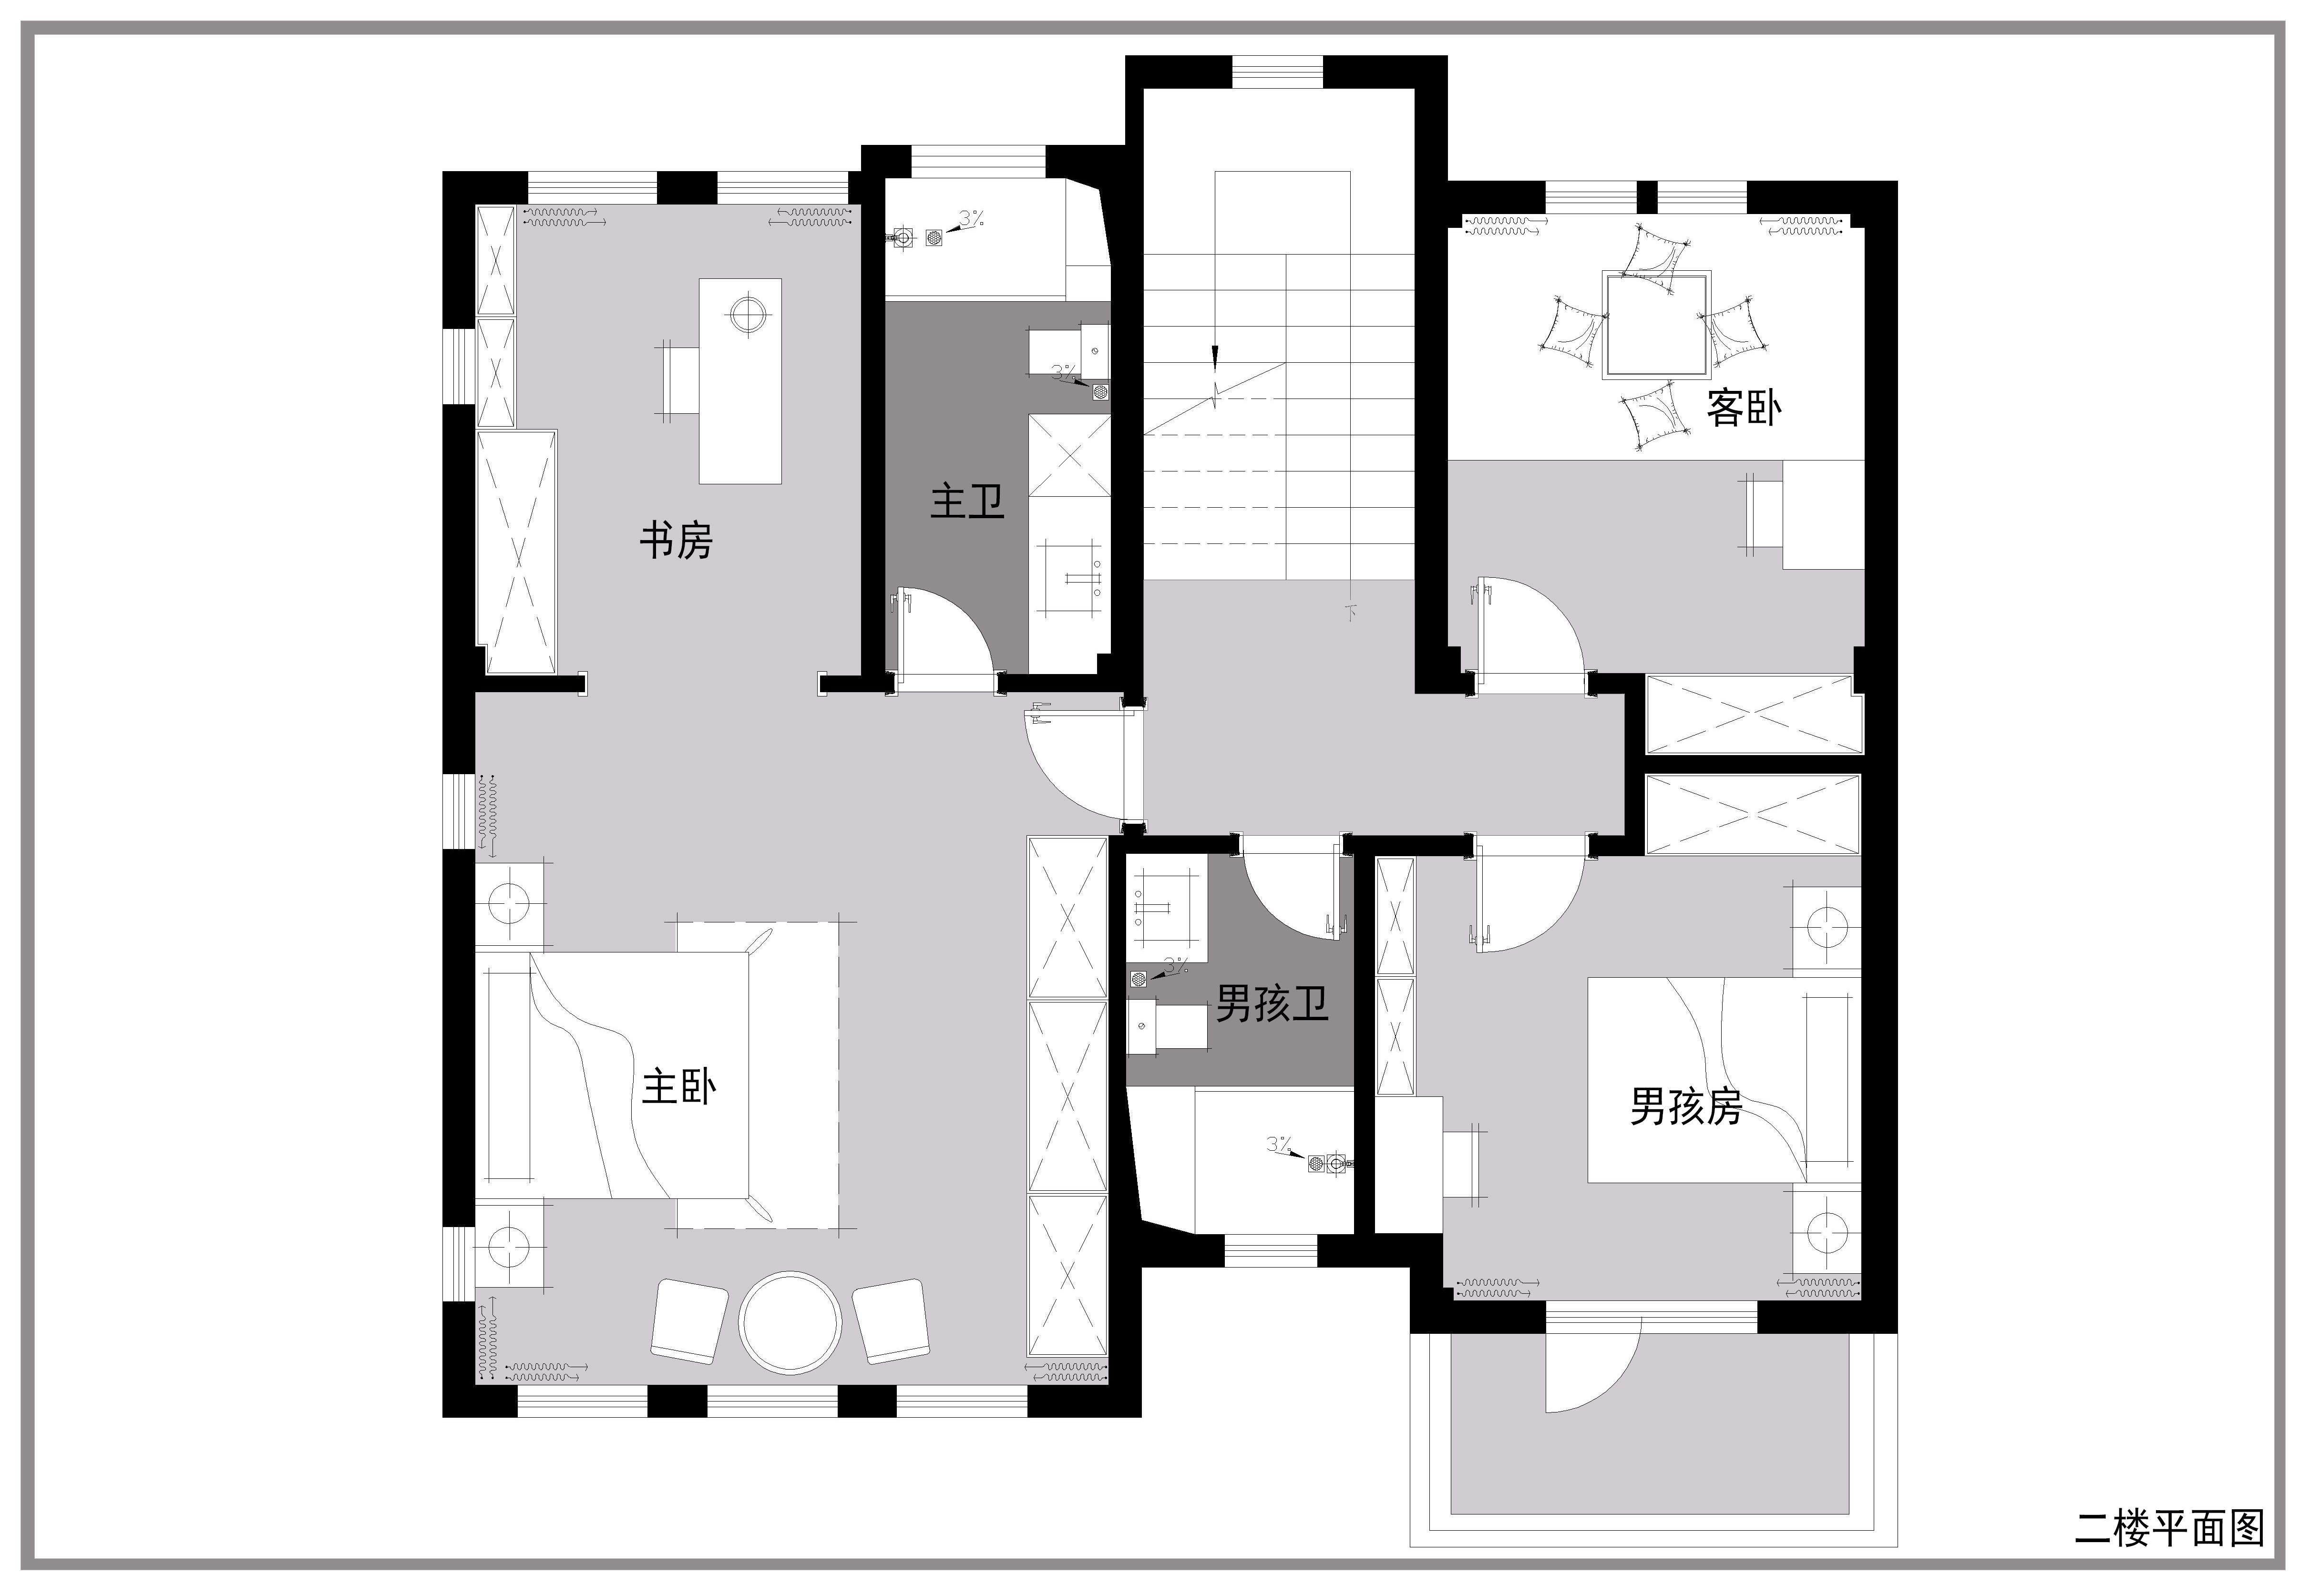 碧桂园玺园210平米美式风格装修效果图装修设计理念